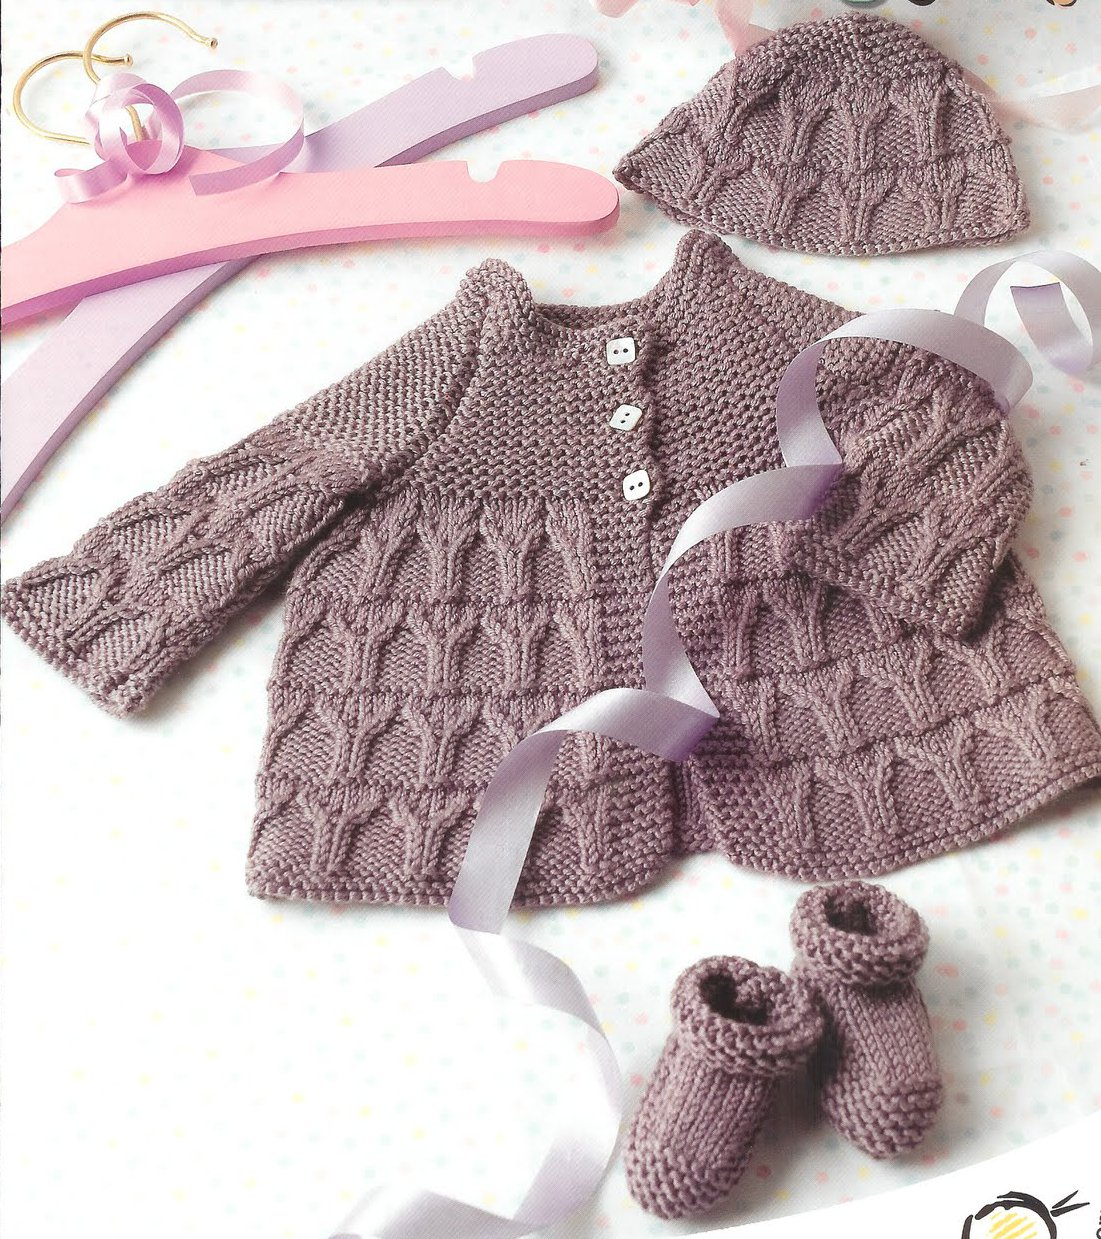 http://vjazhi.ru/images/stories/detyam/BabyBHKC_47/BabyBHKC47.jpg